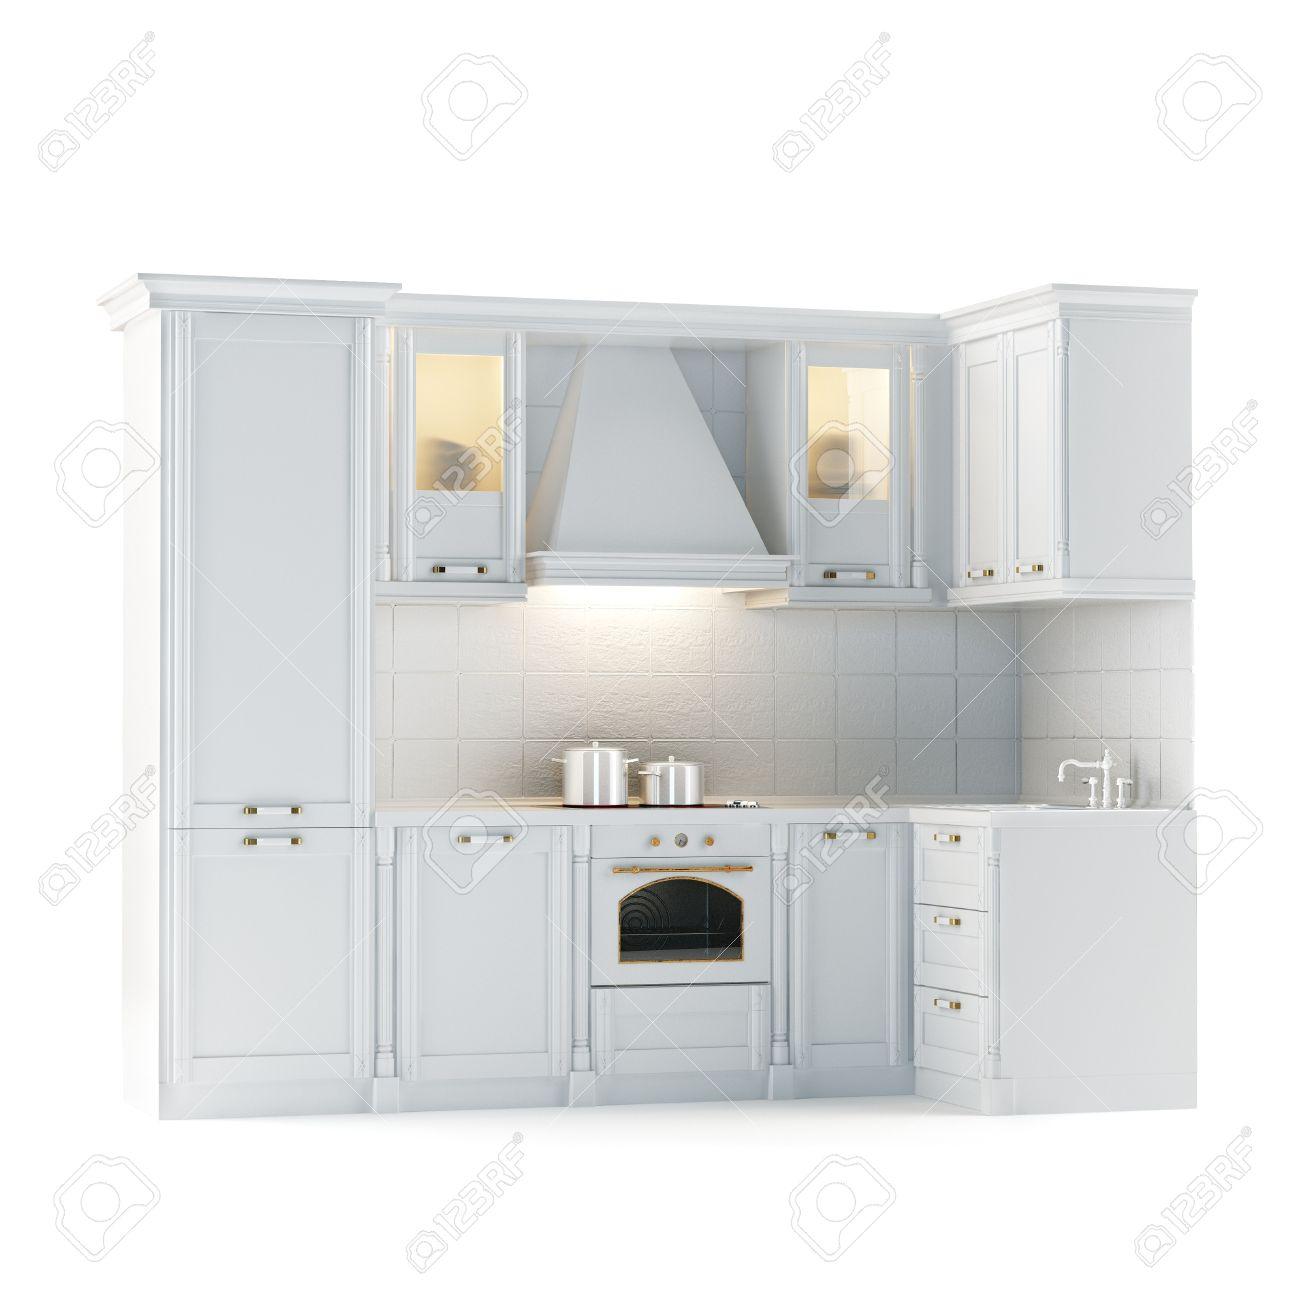 Gabinete De Cocina Clásico Blanco Aislado En Blanco Fotos, Retratos ...